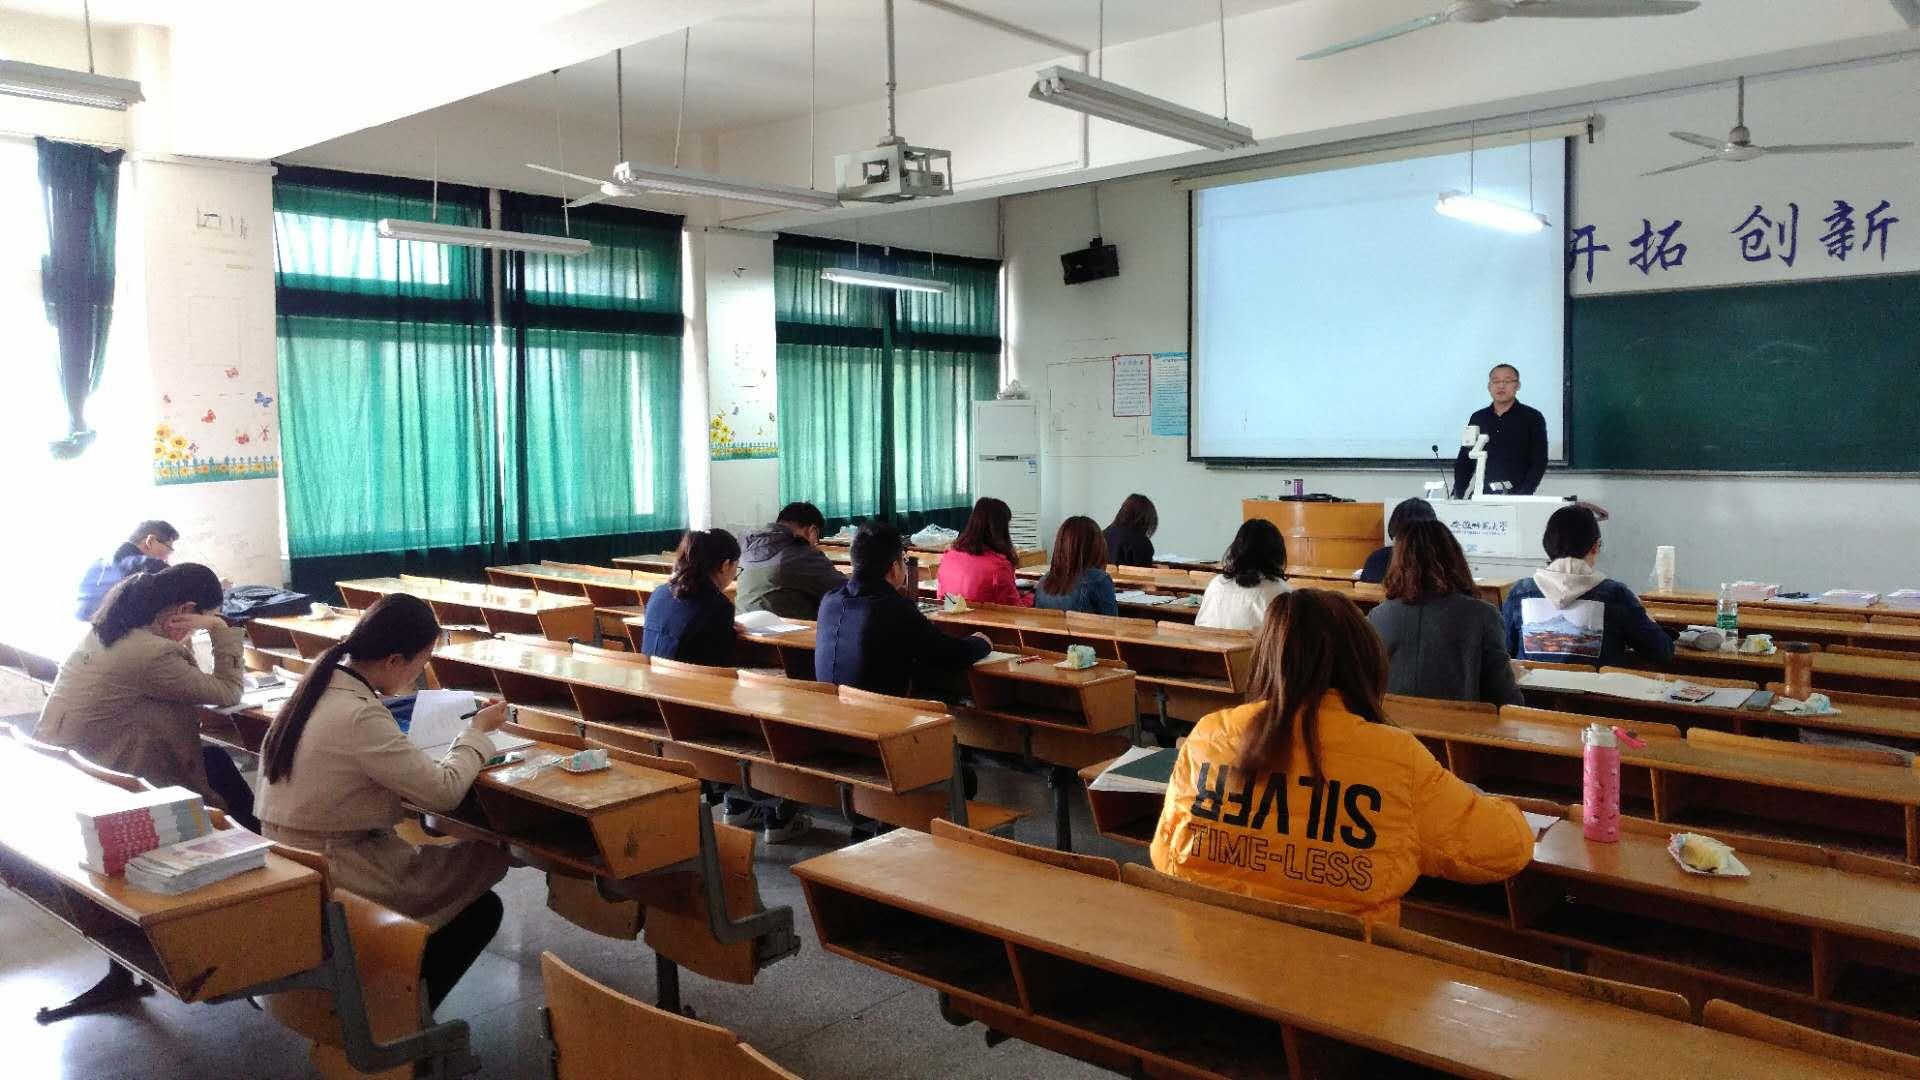 【财富广场校区】7月18日MBA-EMBA政策讲座